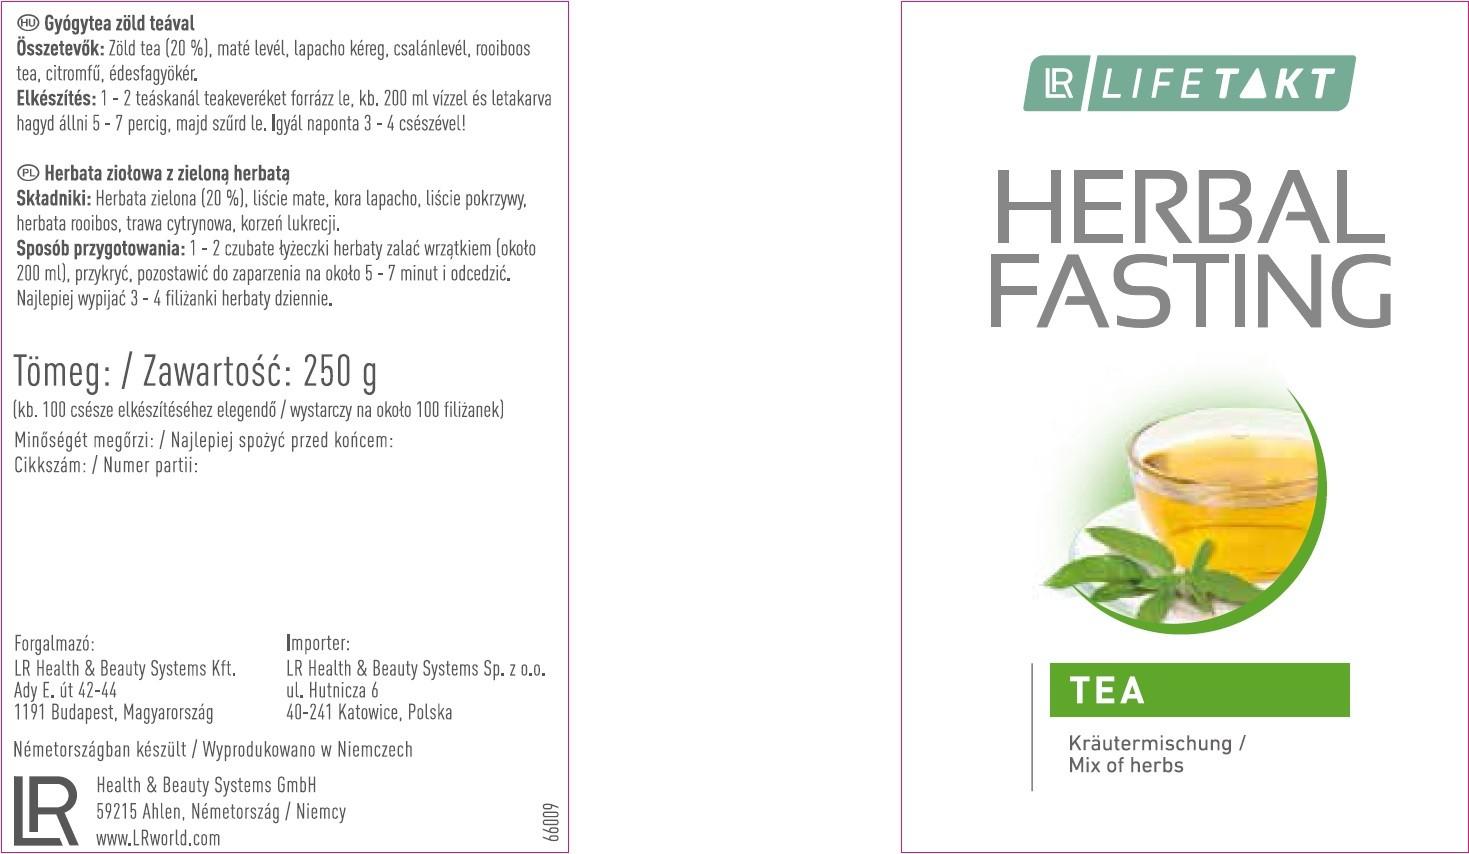 herbal fasting etykieta